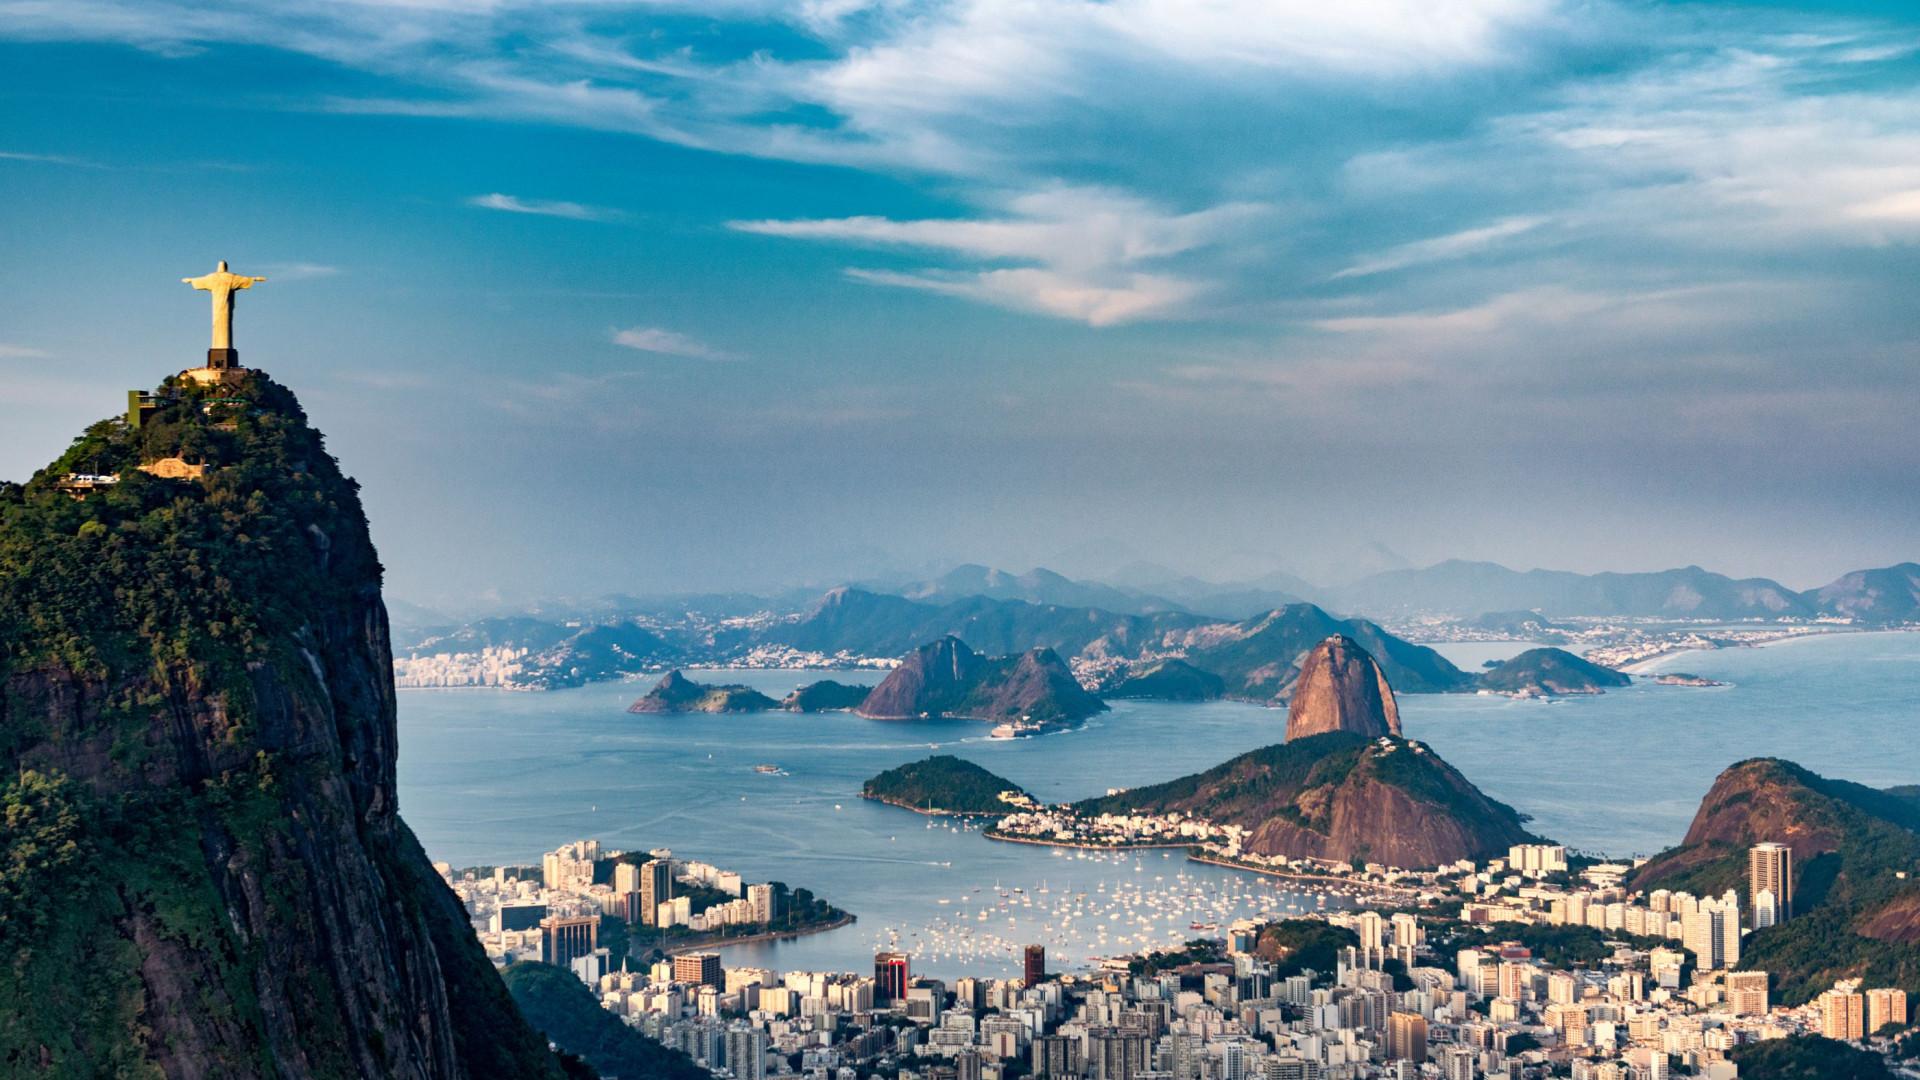 Se precisa de uma desculpa para visitar o Rio de Janeiro, esta é perfeita